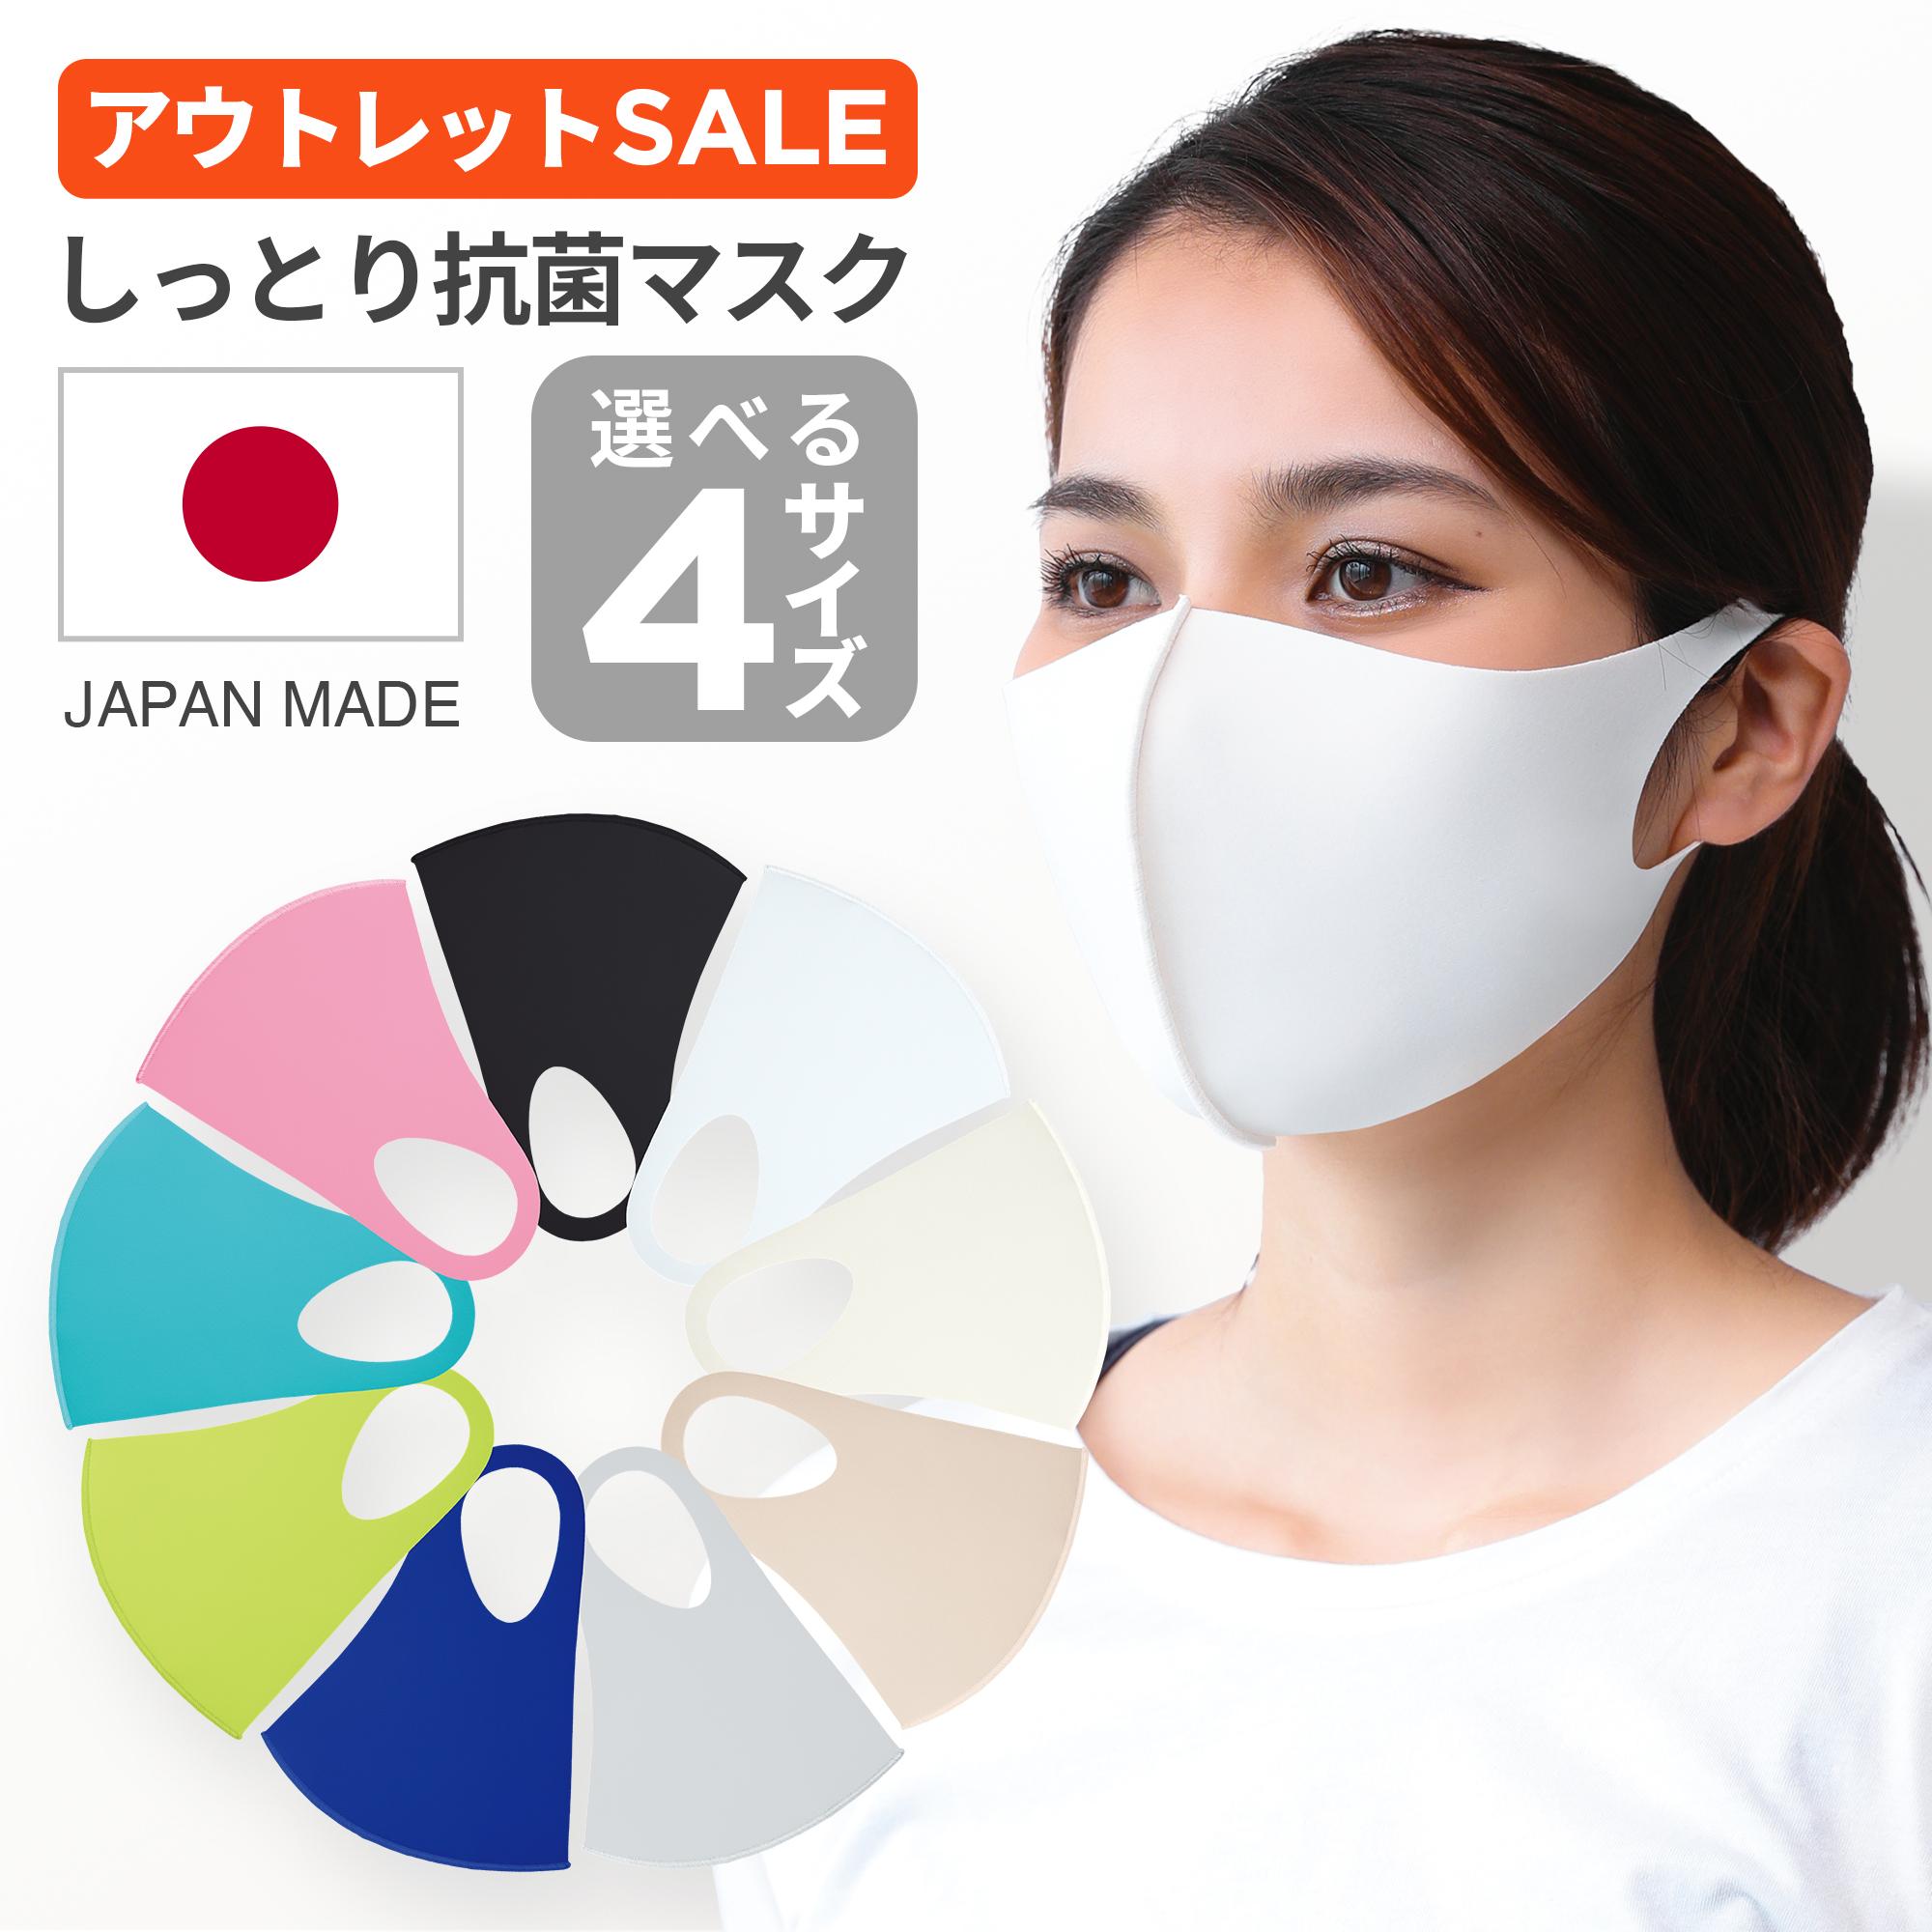 製 マスク 日本 「マスク」売れ筋ランキング 日本製の使い捨てタイプが上位に【2021年1月21日】